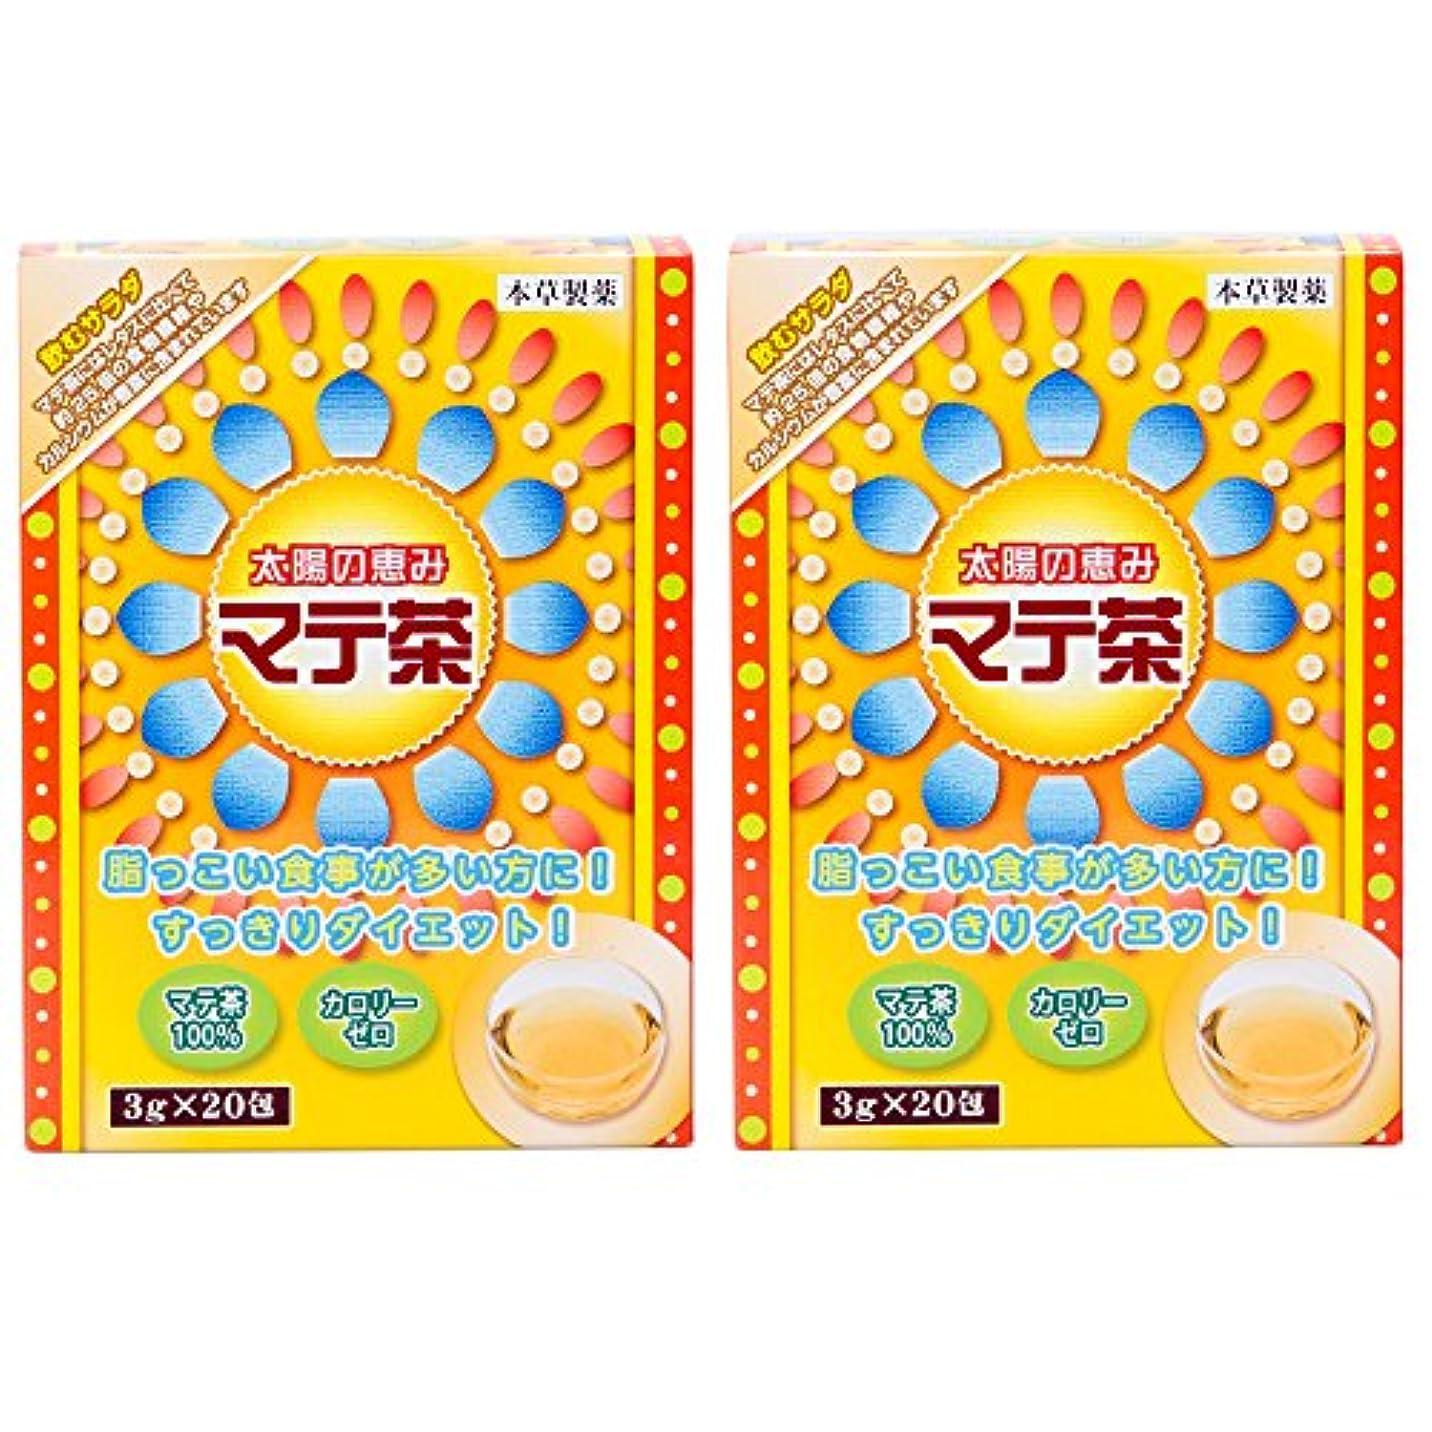 発表しょっぱいマングル本草製薬 マテ茶 2個セット